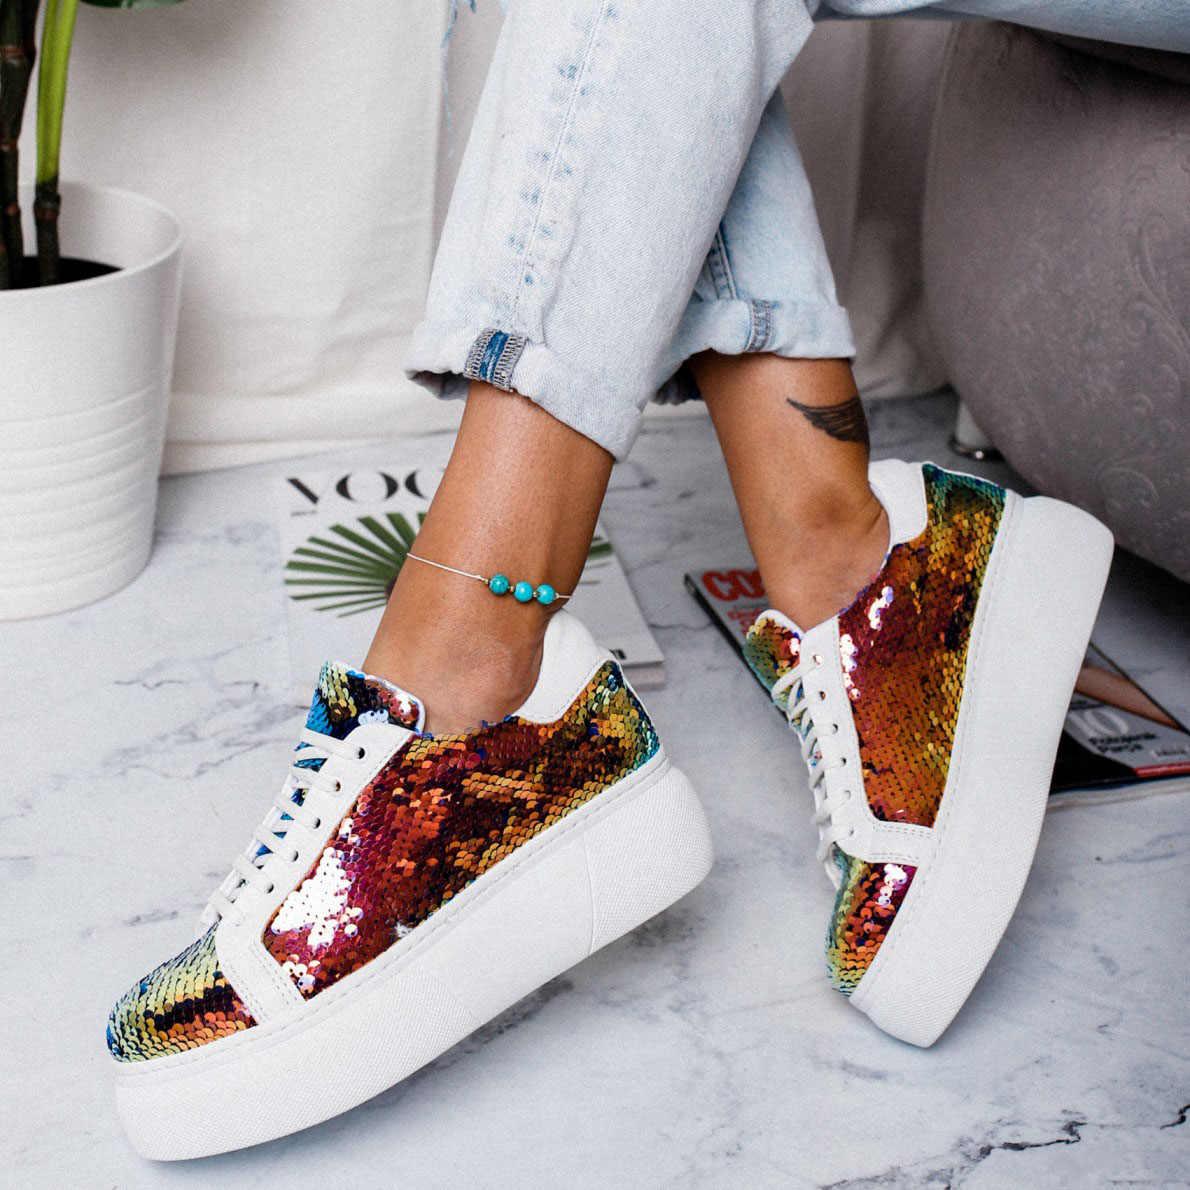 Printemps femmes baskets plate-forme paillettes brillant Bling chaussures décontracté femme dame ballerines baskets Espadrilles 2019 nouveau